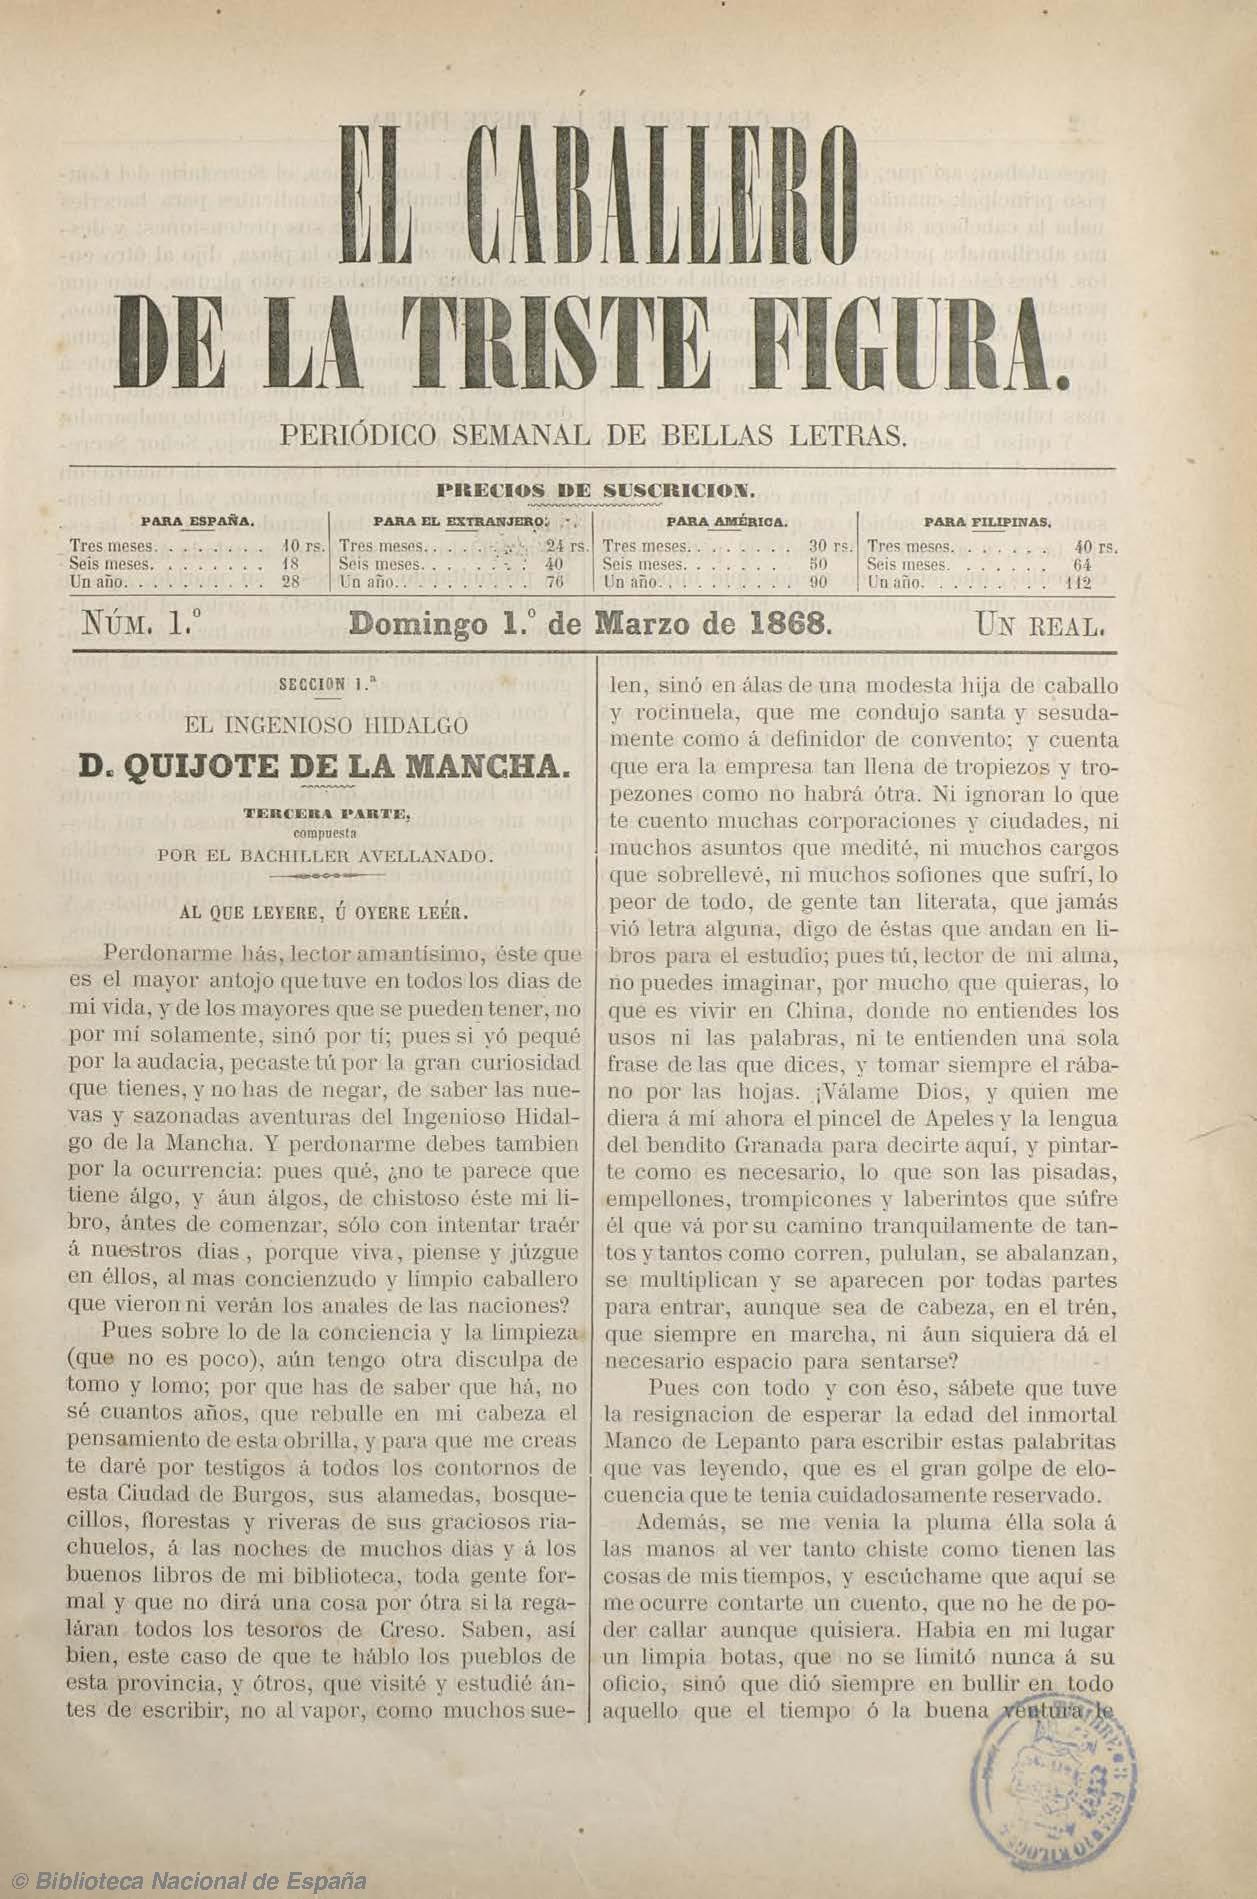 El Caballero de la triste figura. 1-3-1868, n.º 1 [fuente: Biblioteca Nacional de España]